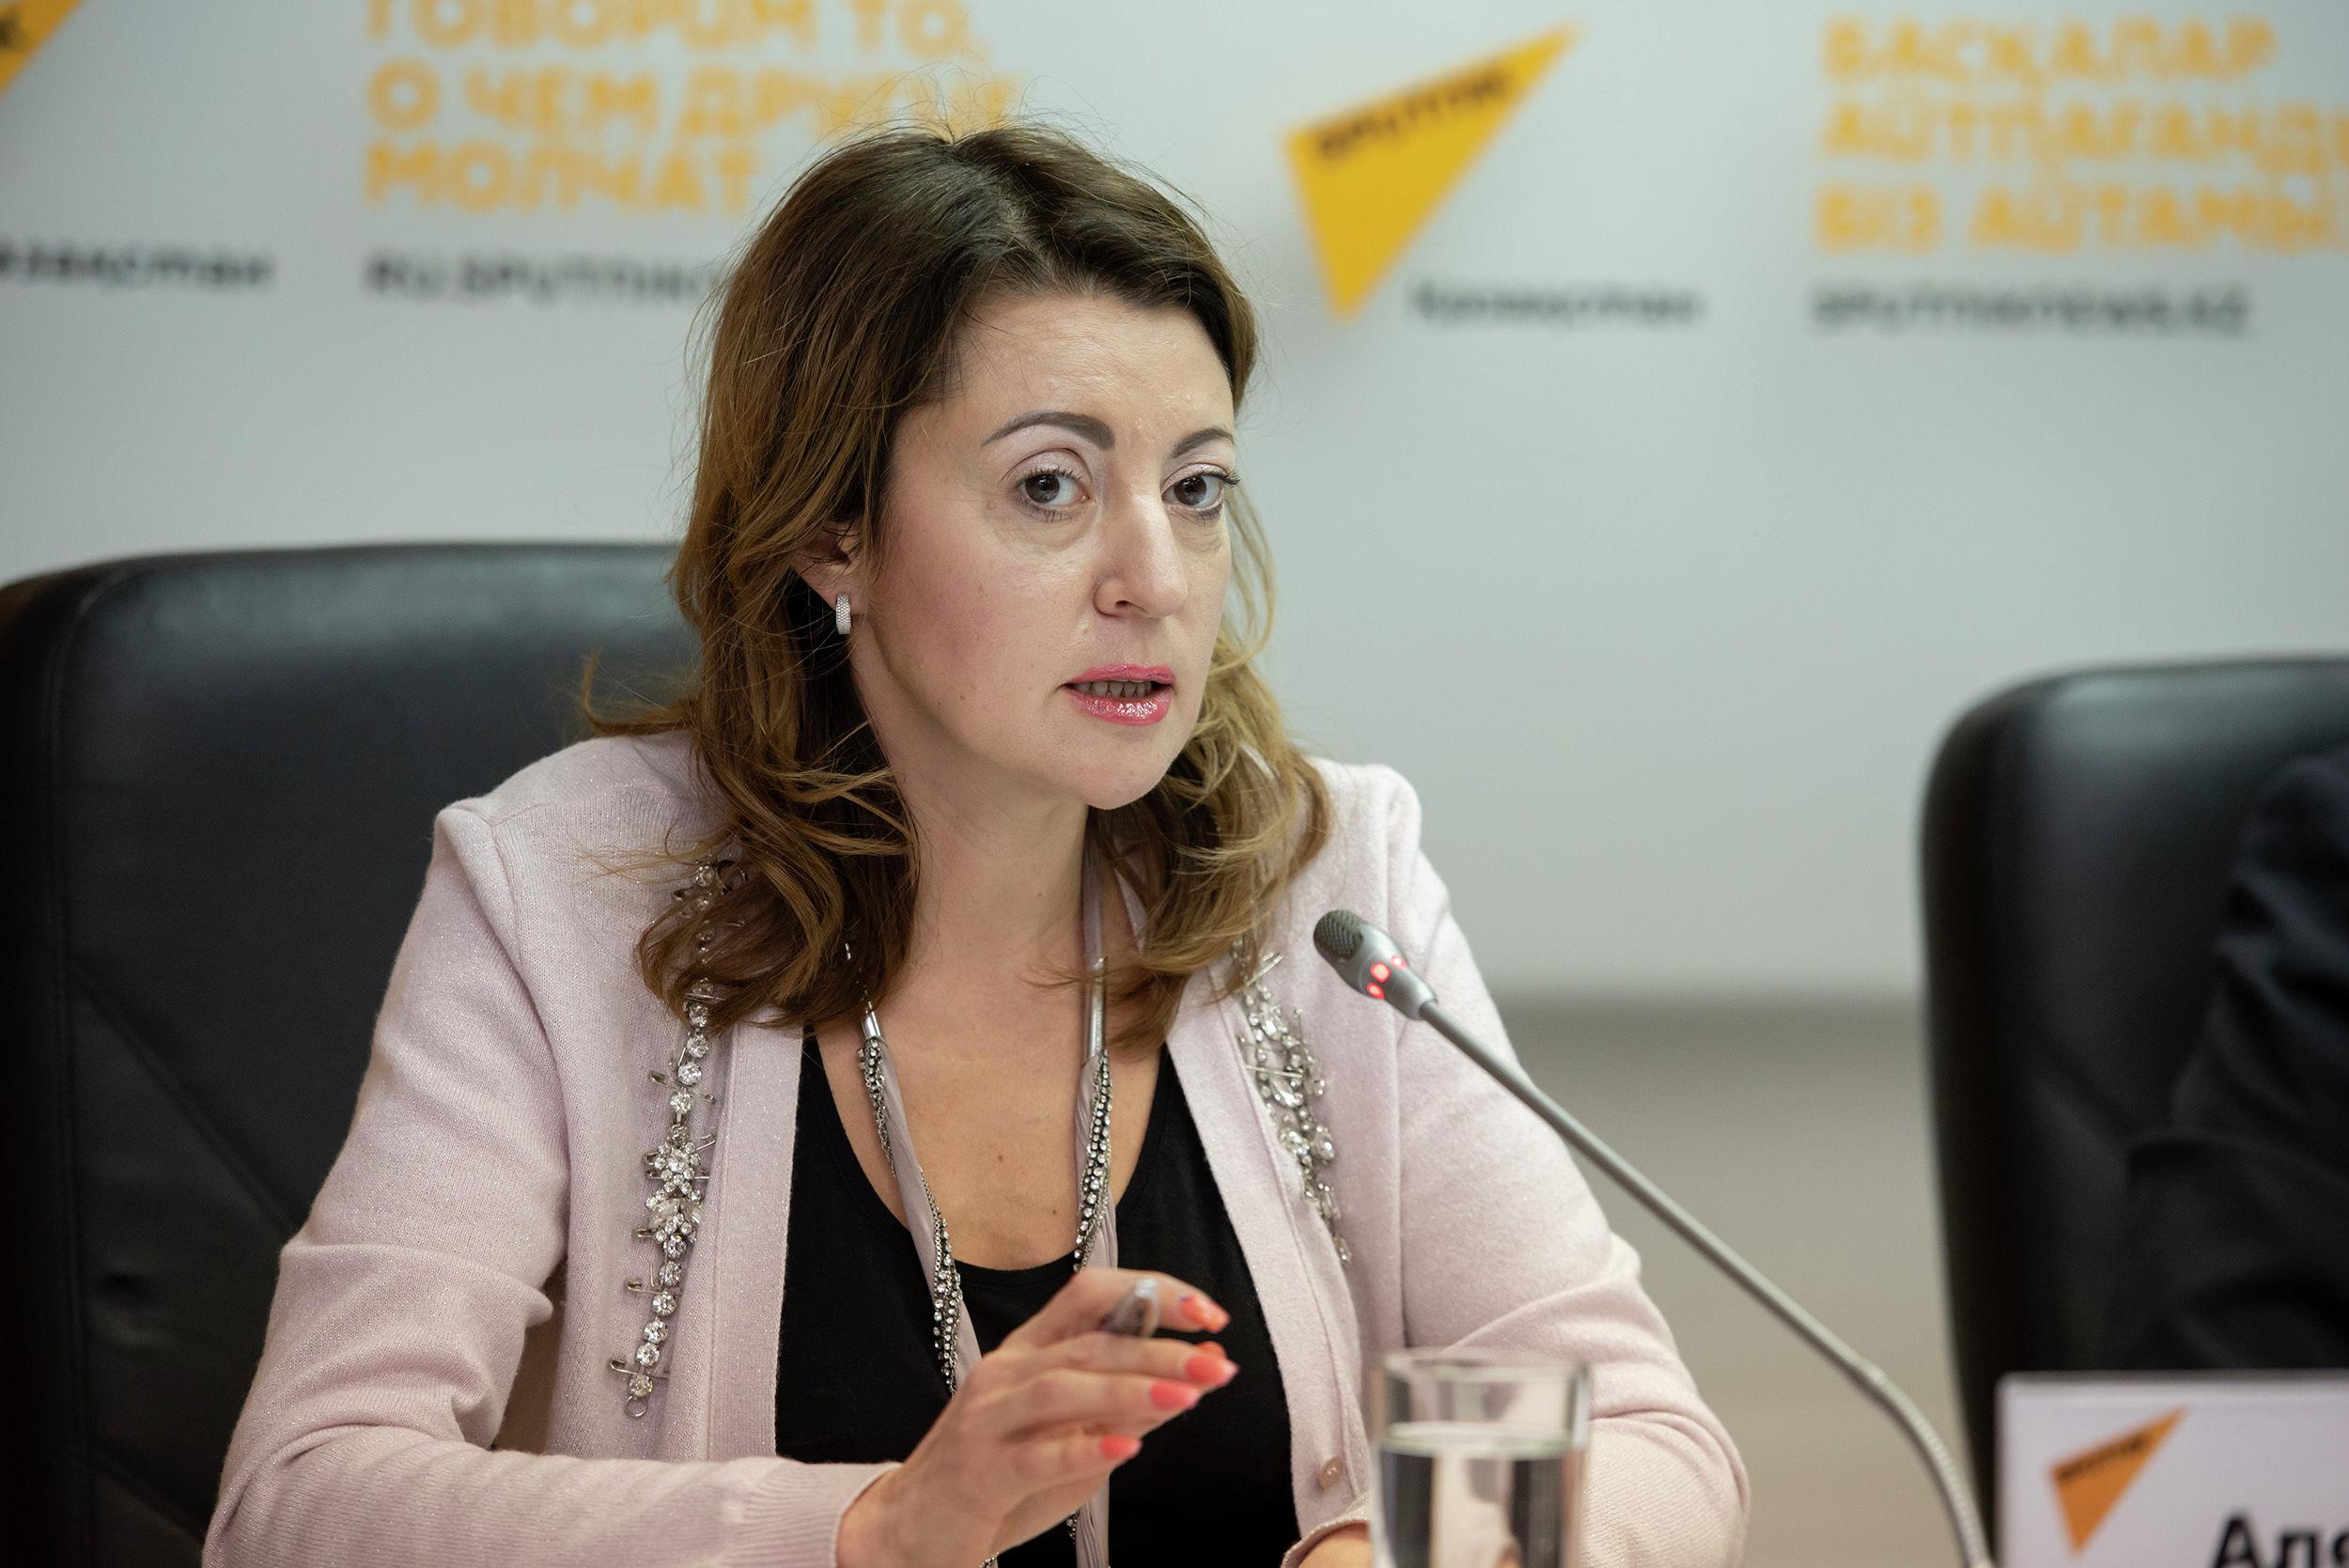 Директор национального конкурса Мисс Казахстан Алена Кырбасова